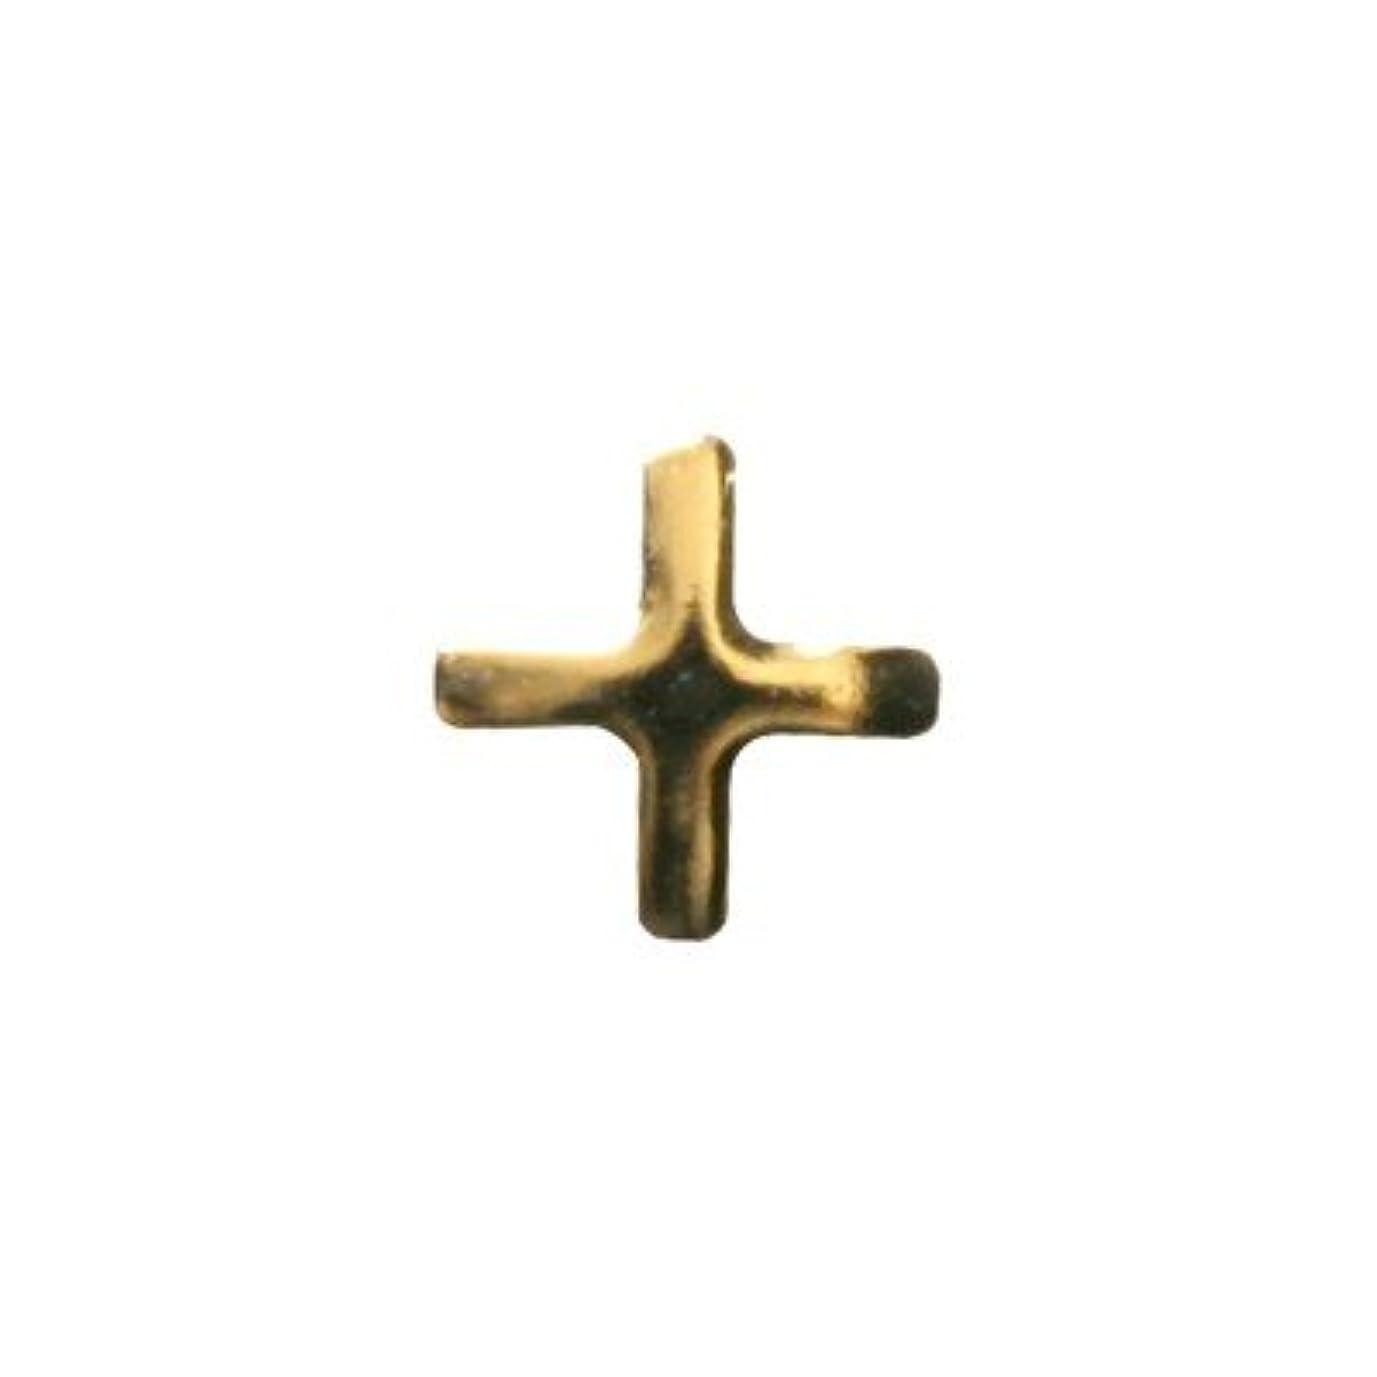 ケージ免除するパターンピアドラ スタッズ クロスレット ハーフ 3mm 50P ゴールド